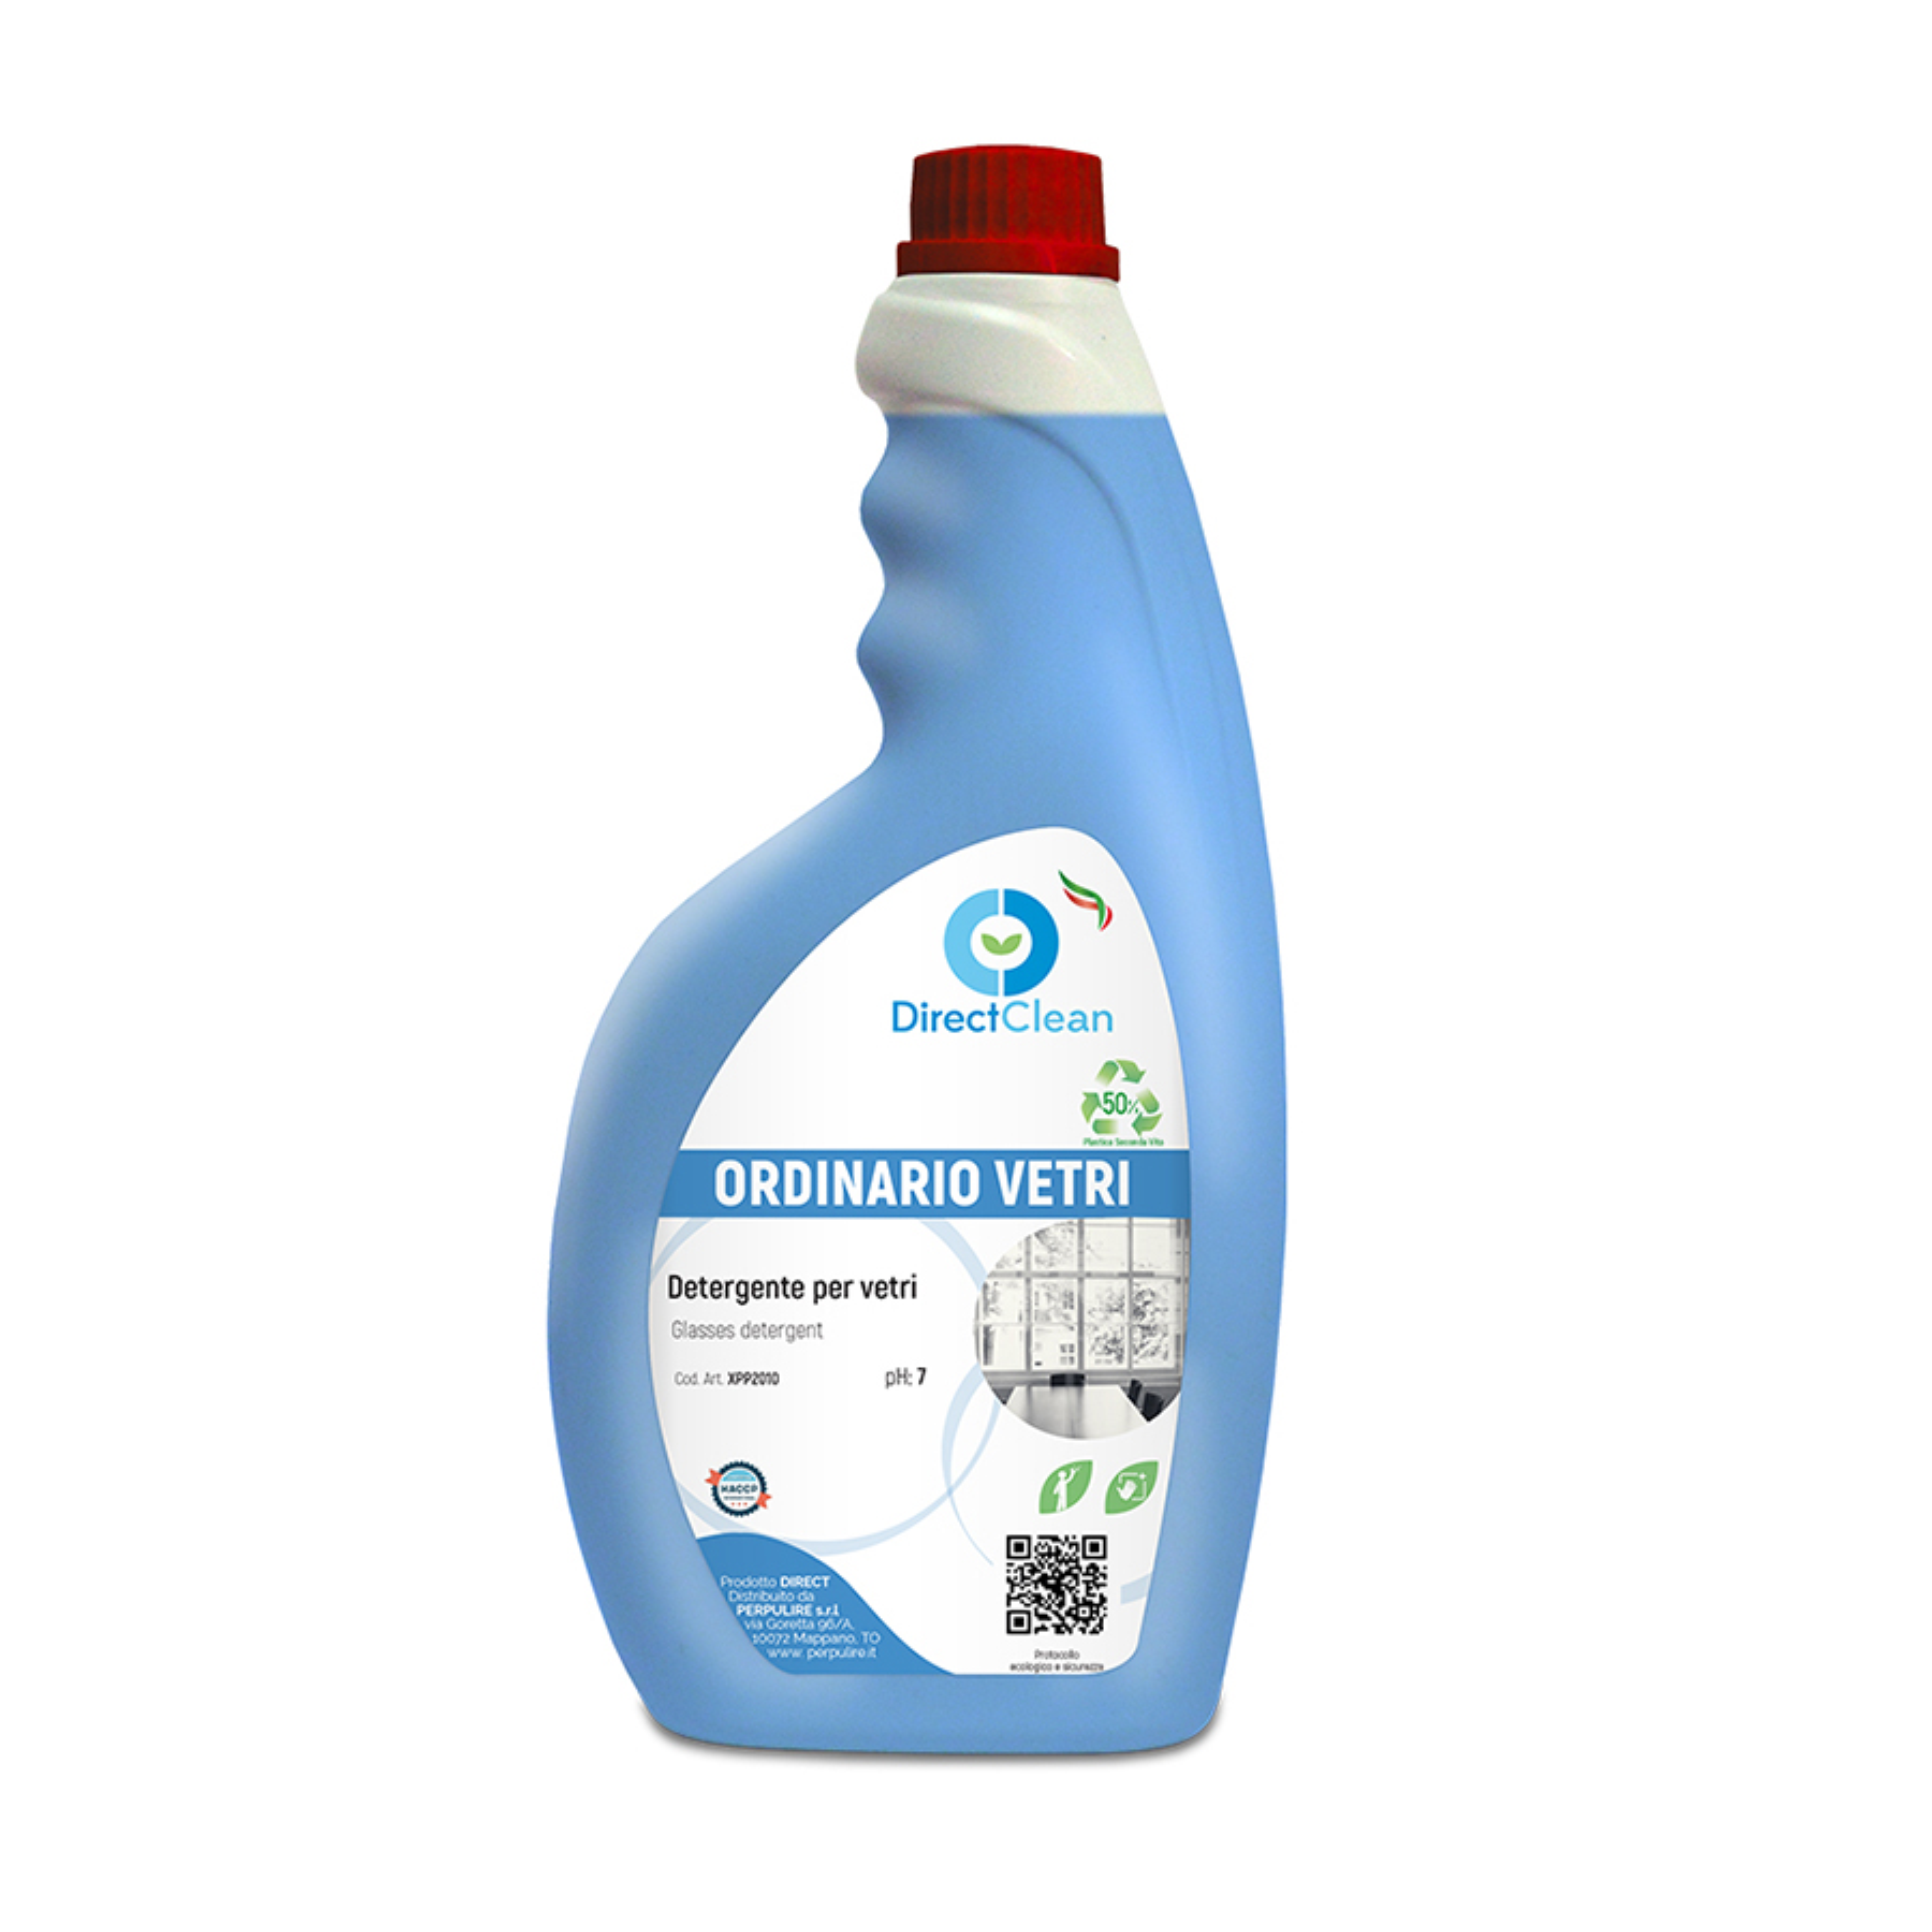 ORDINARIO VETRI Detergente pronto all'uso  per la pulizia di vetri e cristalli_Flacone 750 m